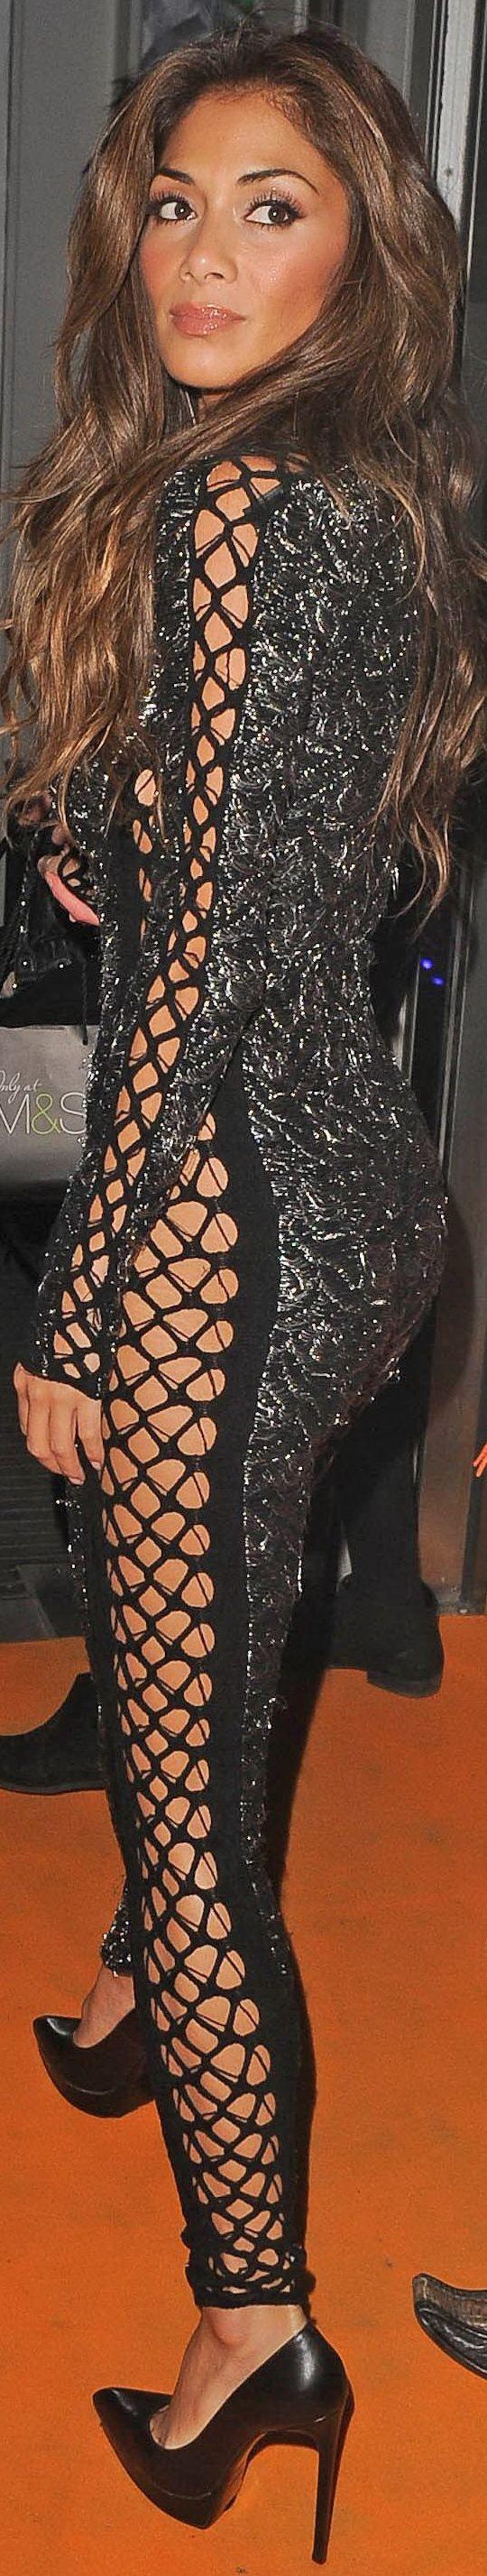 Nicole Scherzinger | Nicole Scherzinger | Pinterest | Nicole ... Nicole Scherzinger